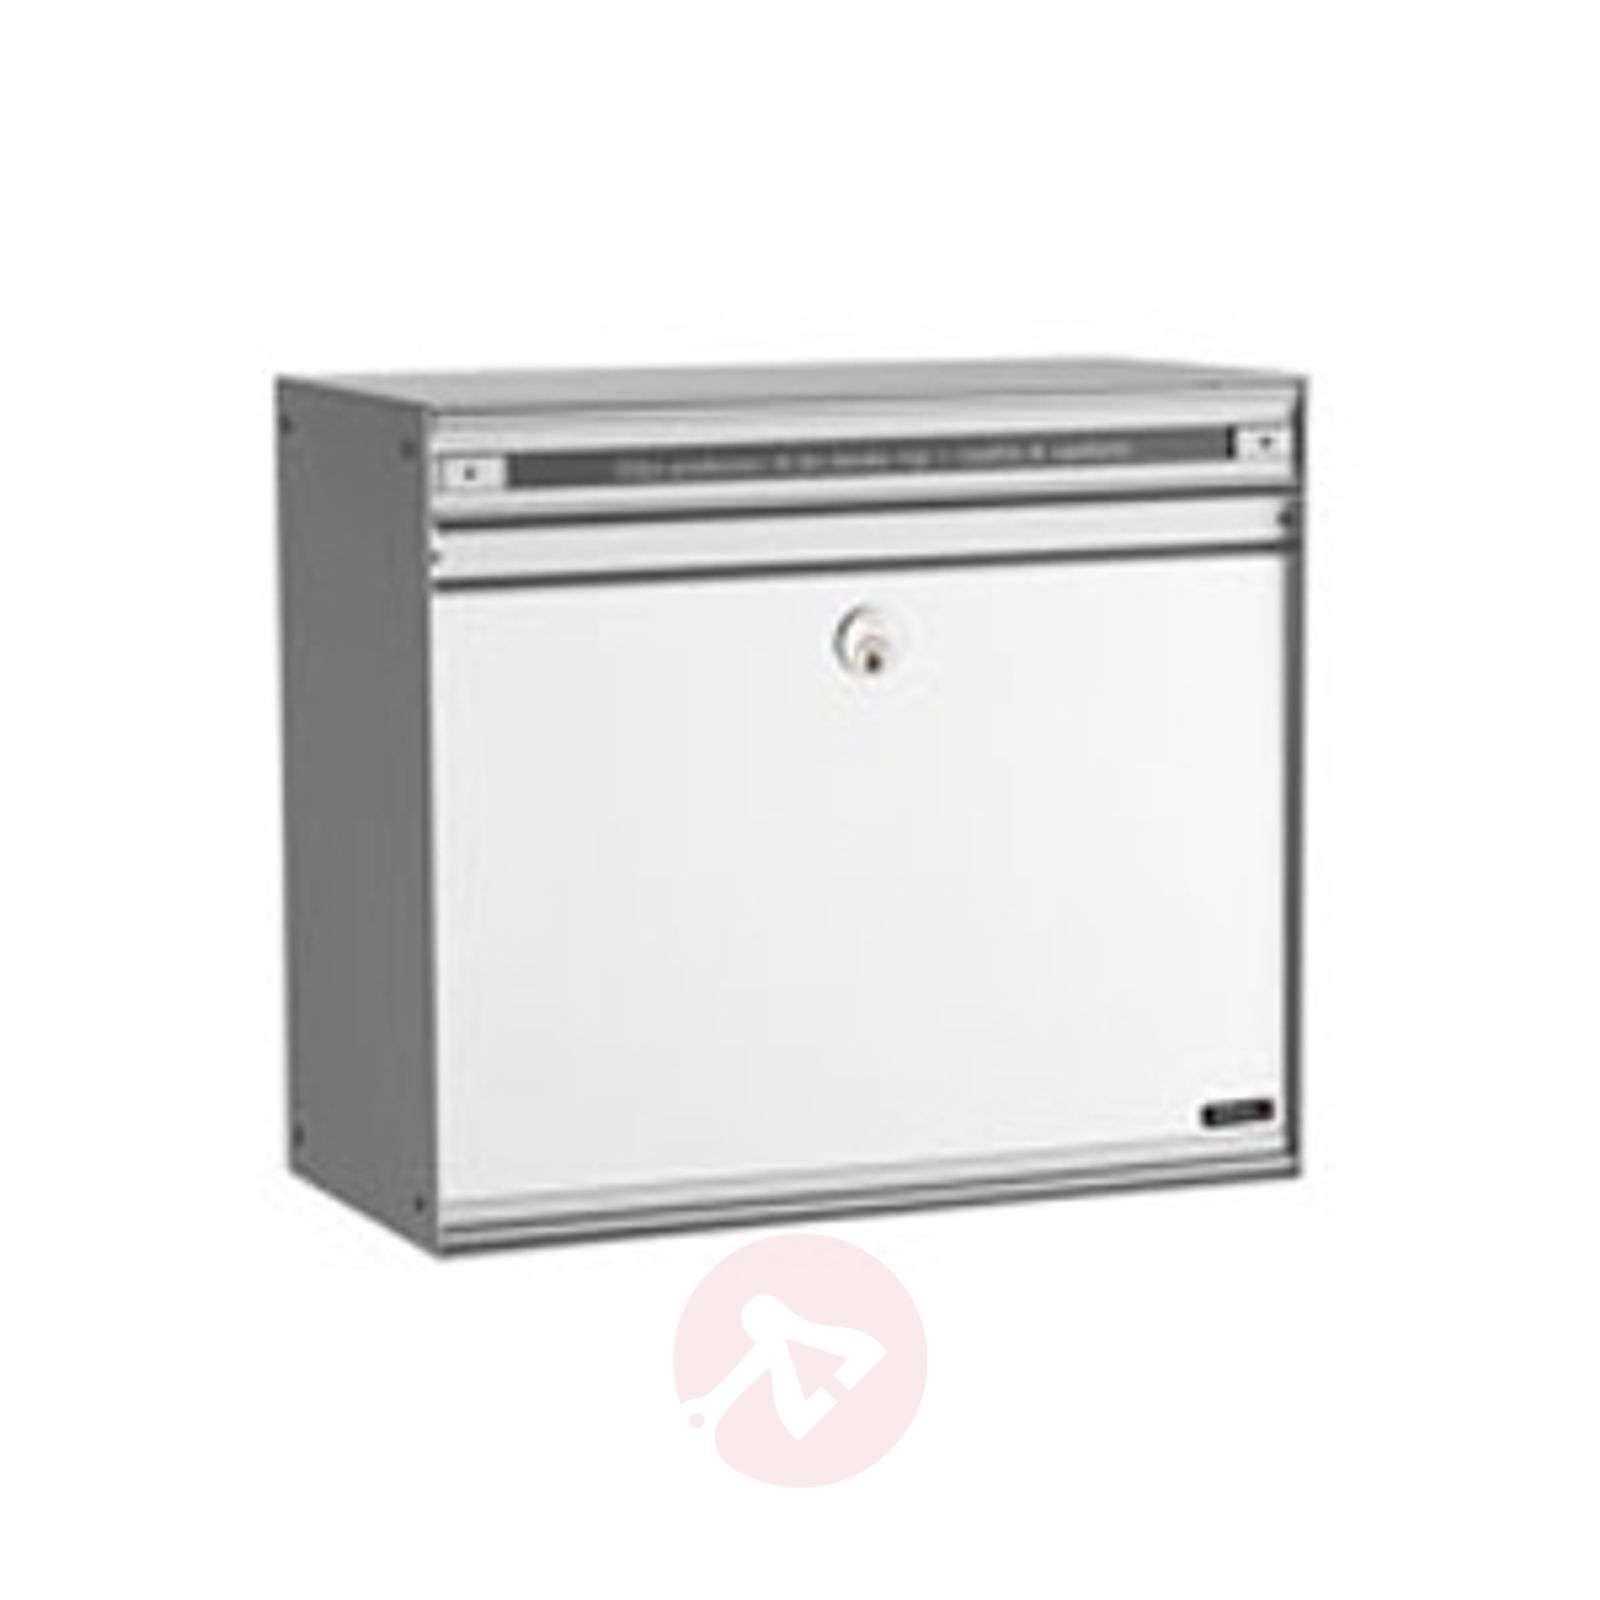 SC200-postilaatikko alumiinisella etuosalla-1045052X-01